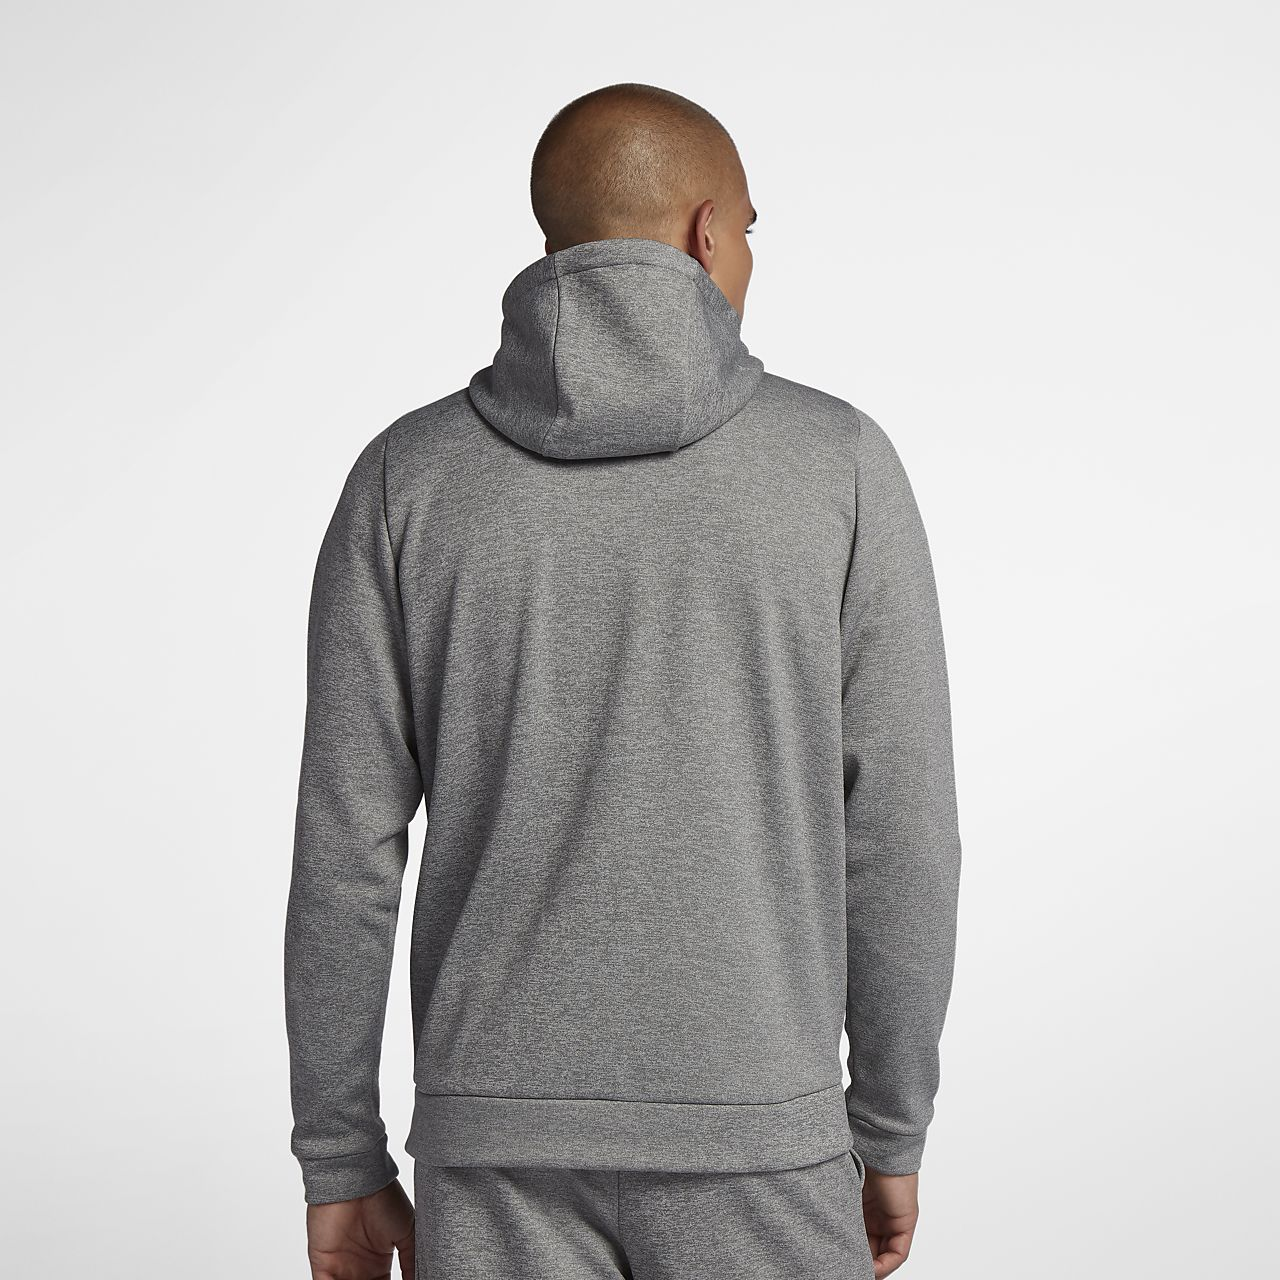 ... Pánská tréninková mikina Nike Dri-FIT Therma s kapucí a dlouhým zipem 62fc6a62176